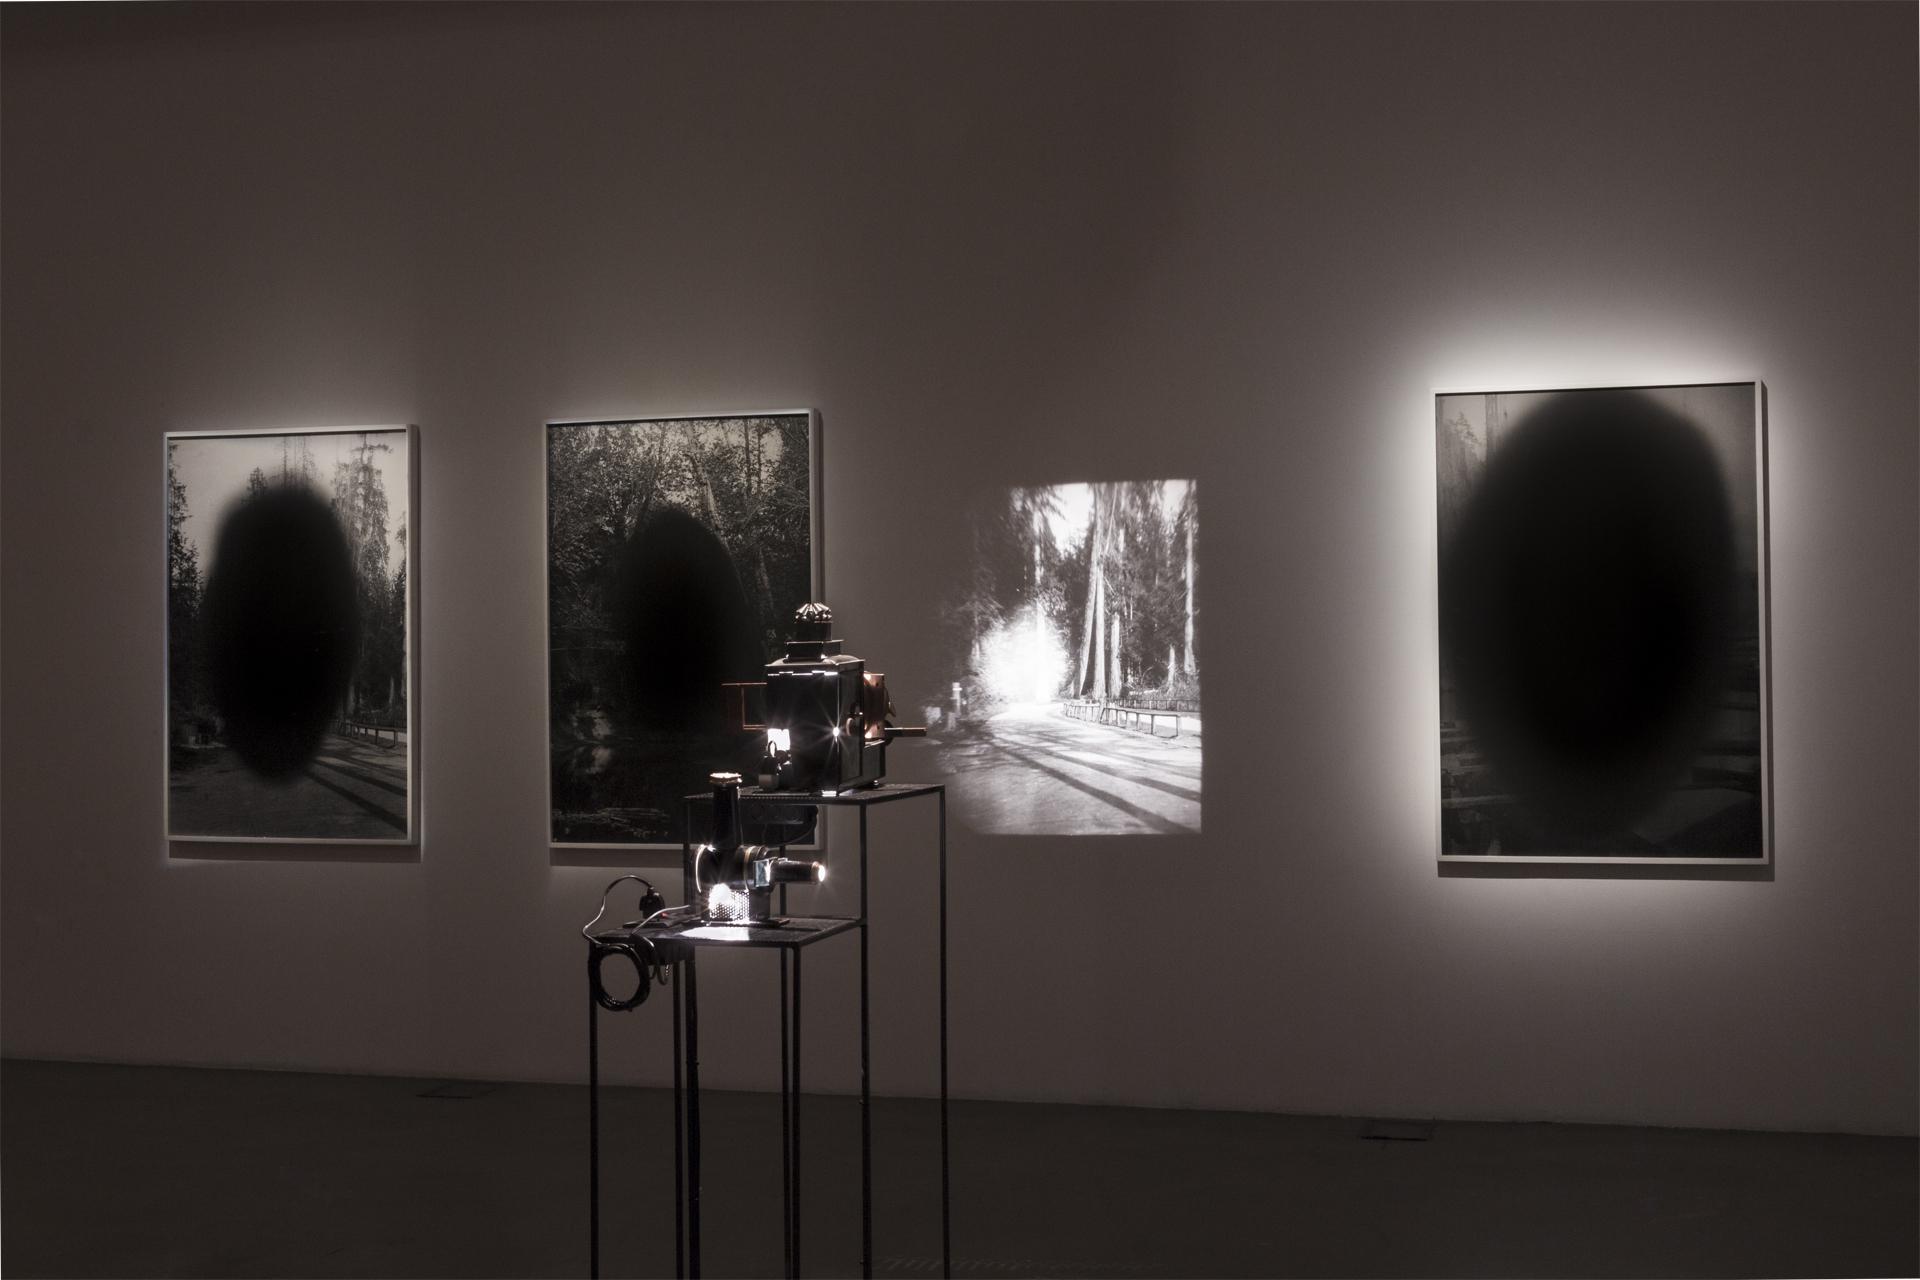 Série <em>Lanterna mágica</em>, 2012. Foto: Gabriela Carrera